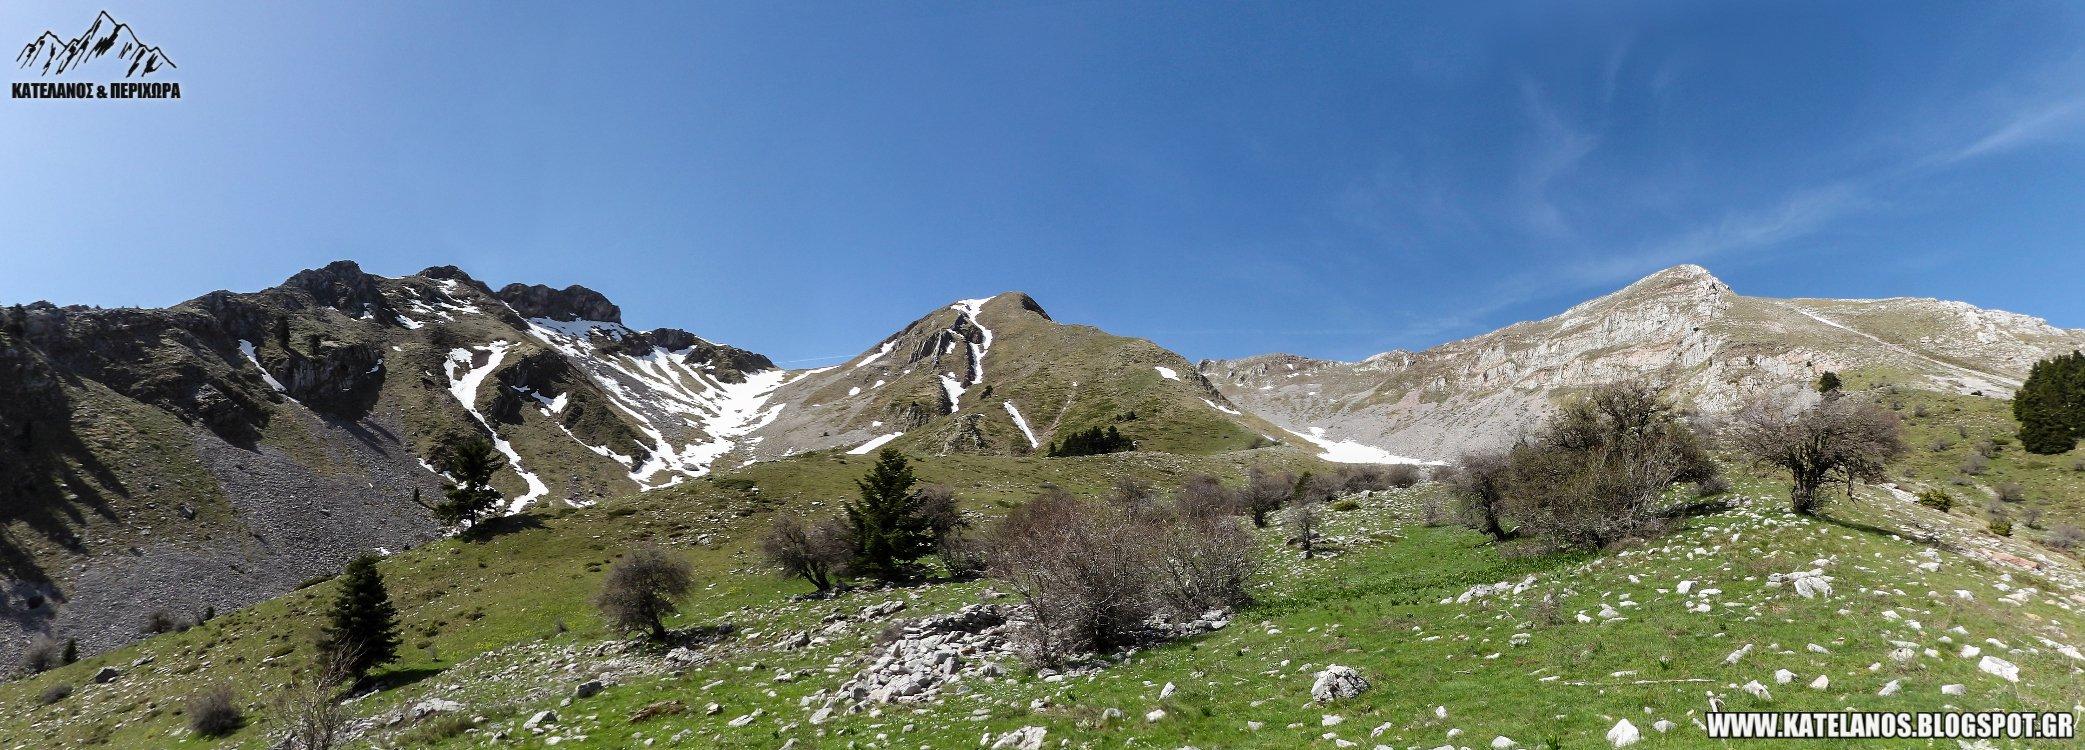 χελιδονα κλασσικη διαδρομη βουνο χιονουρες ανοιξη